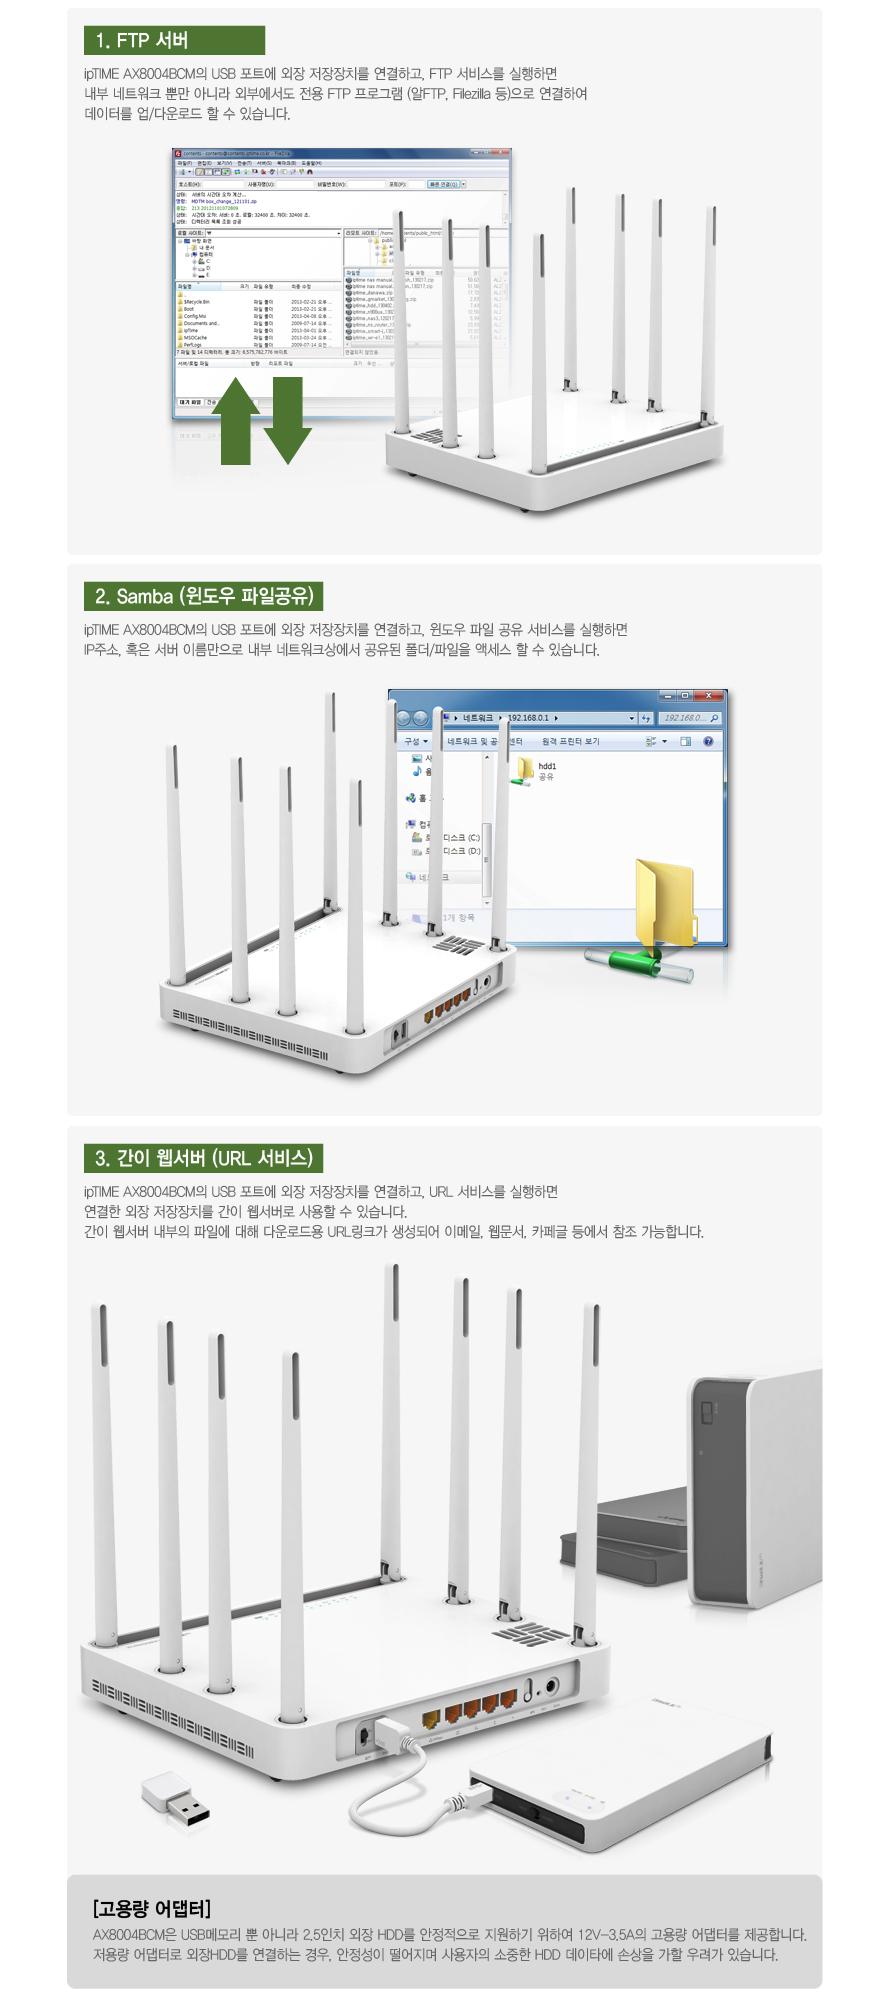 ax8004bcm_sale_12.jpg